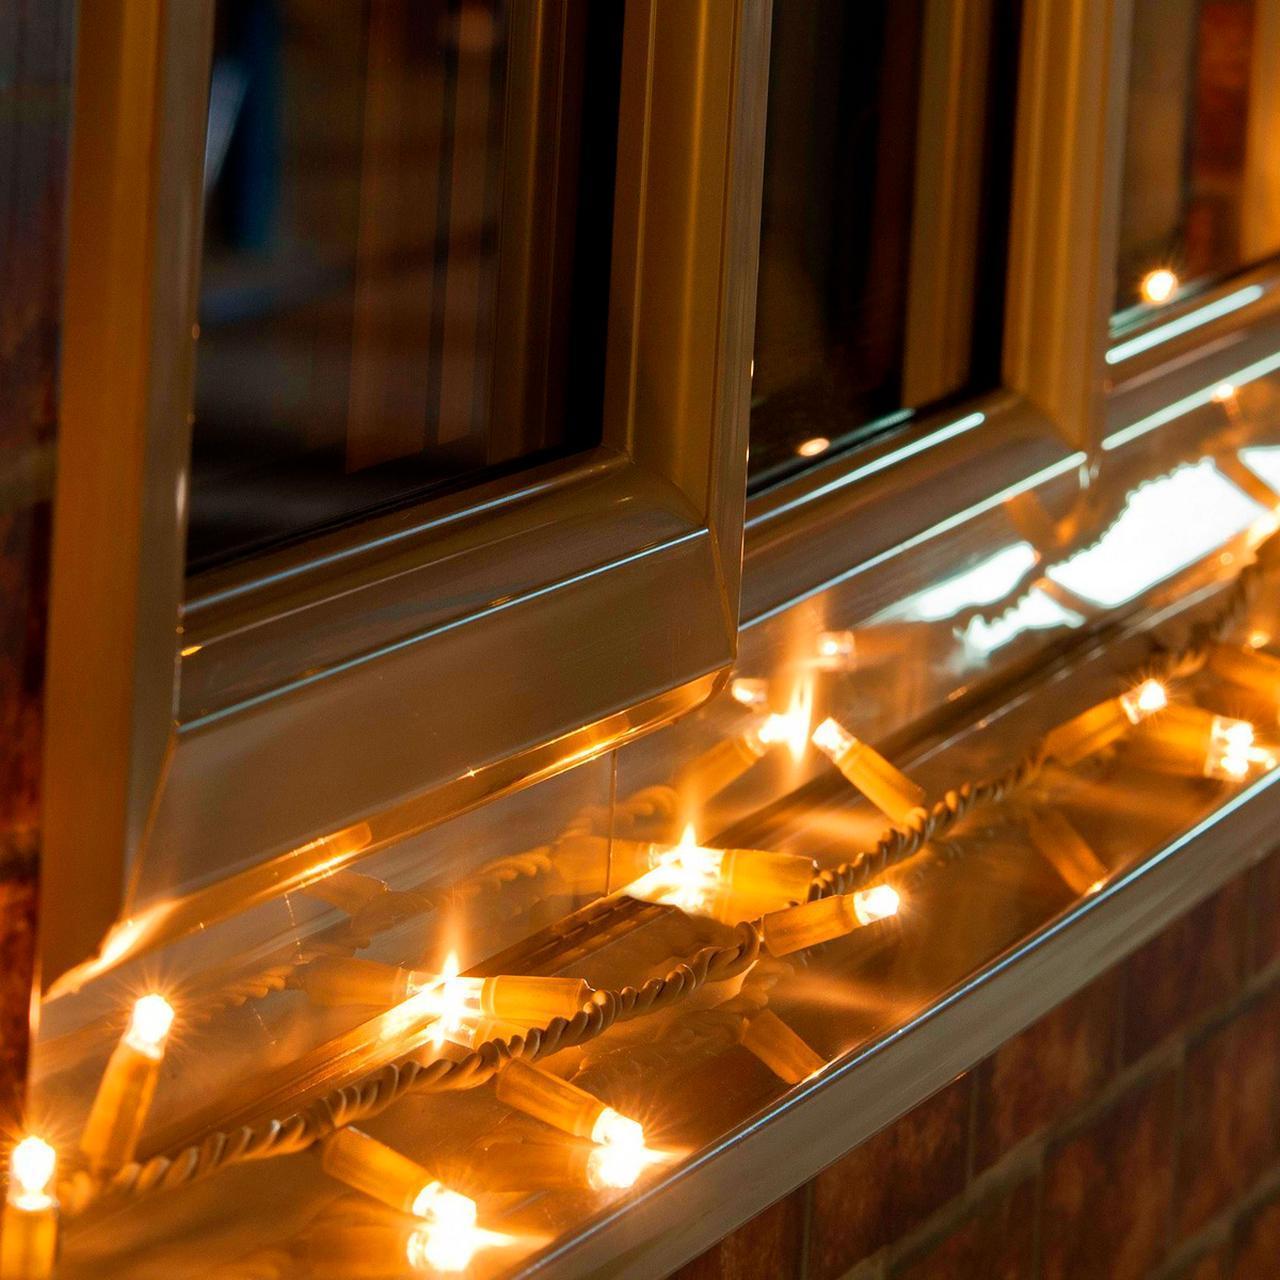 Уличная Гирлянда светодиодная нить, 20 м, 200 led белый каучуковый провод - цвет желтый, статический режим, фото 1